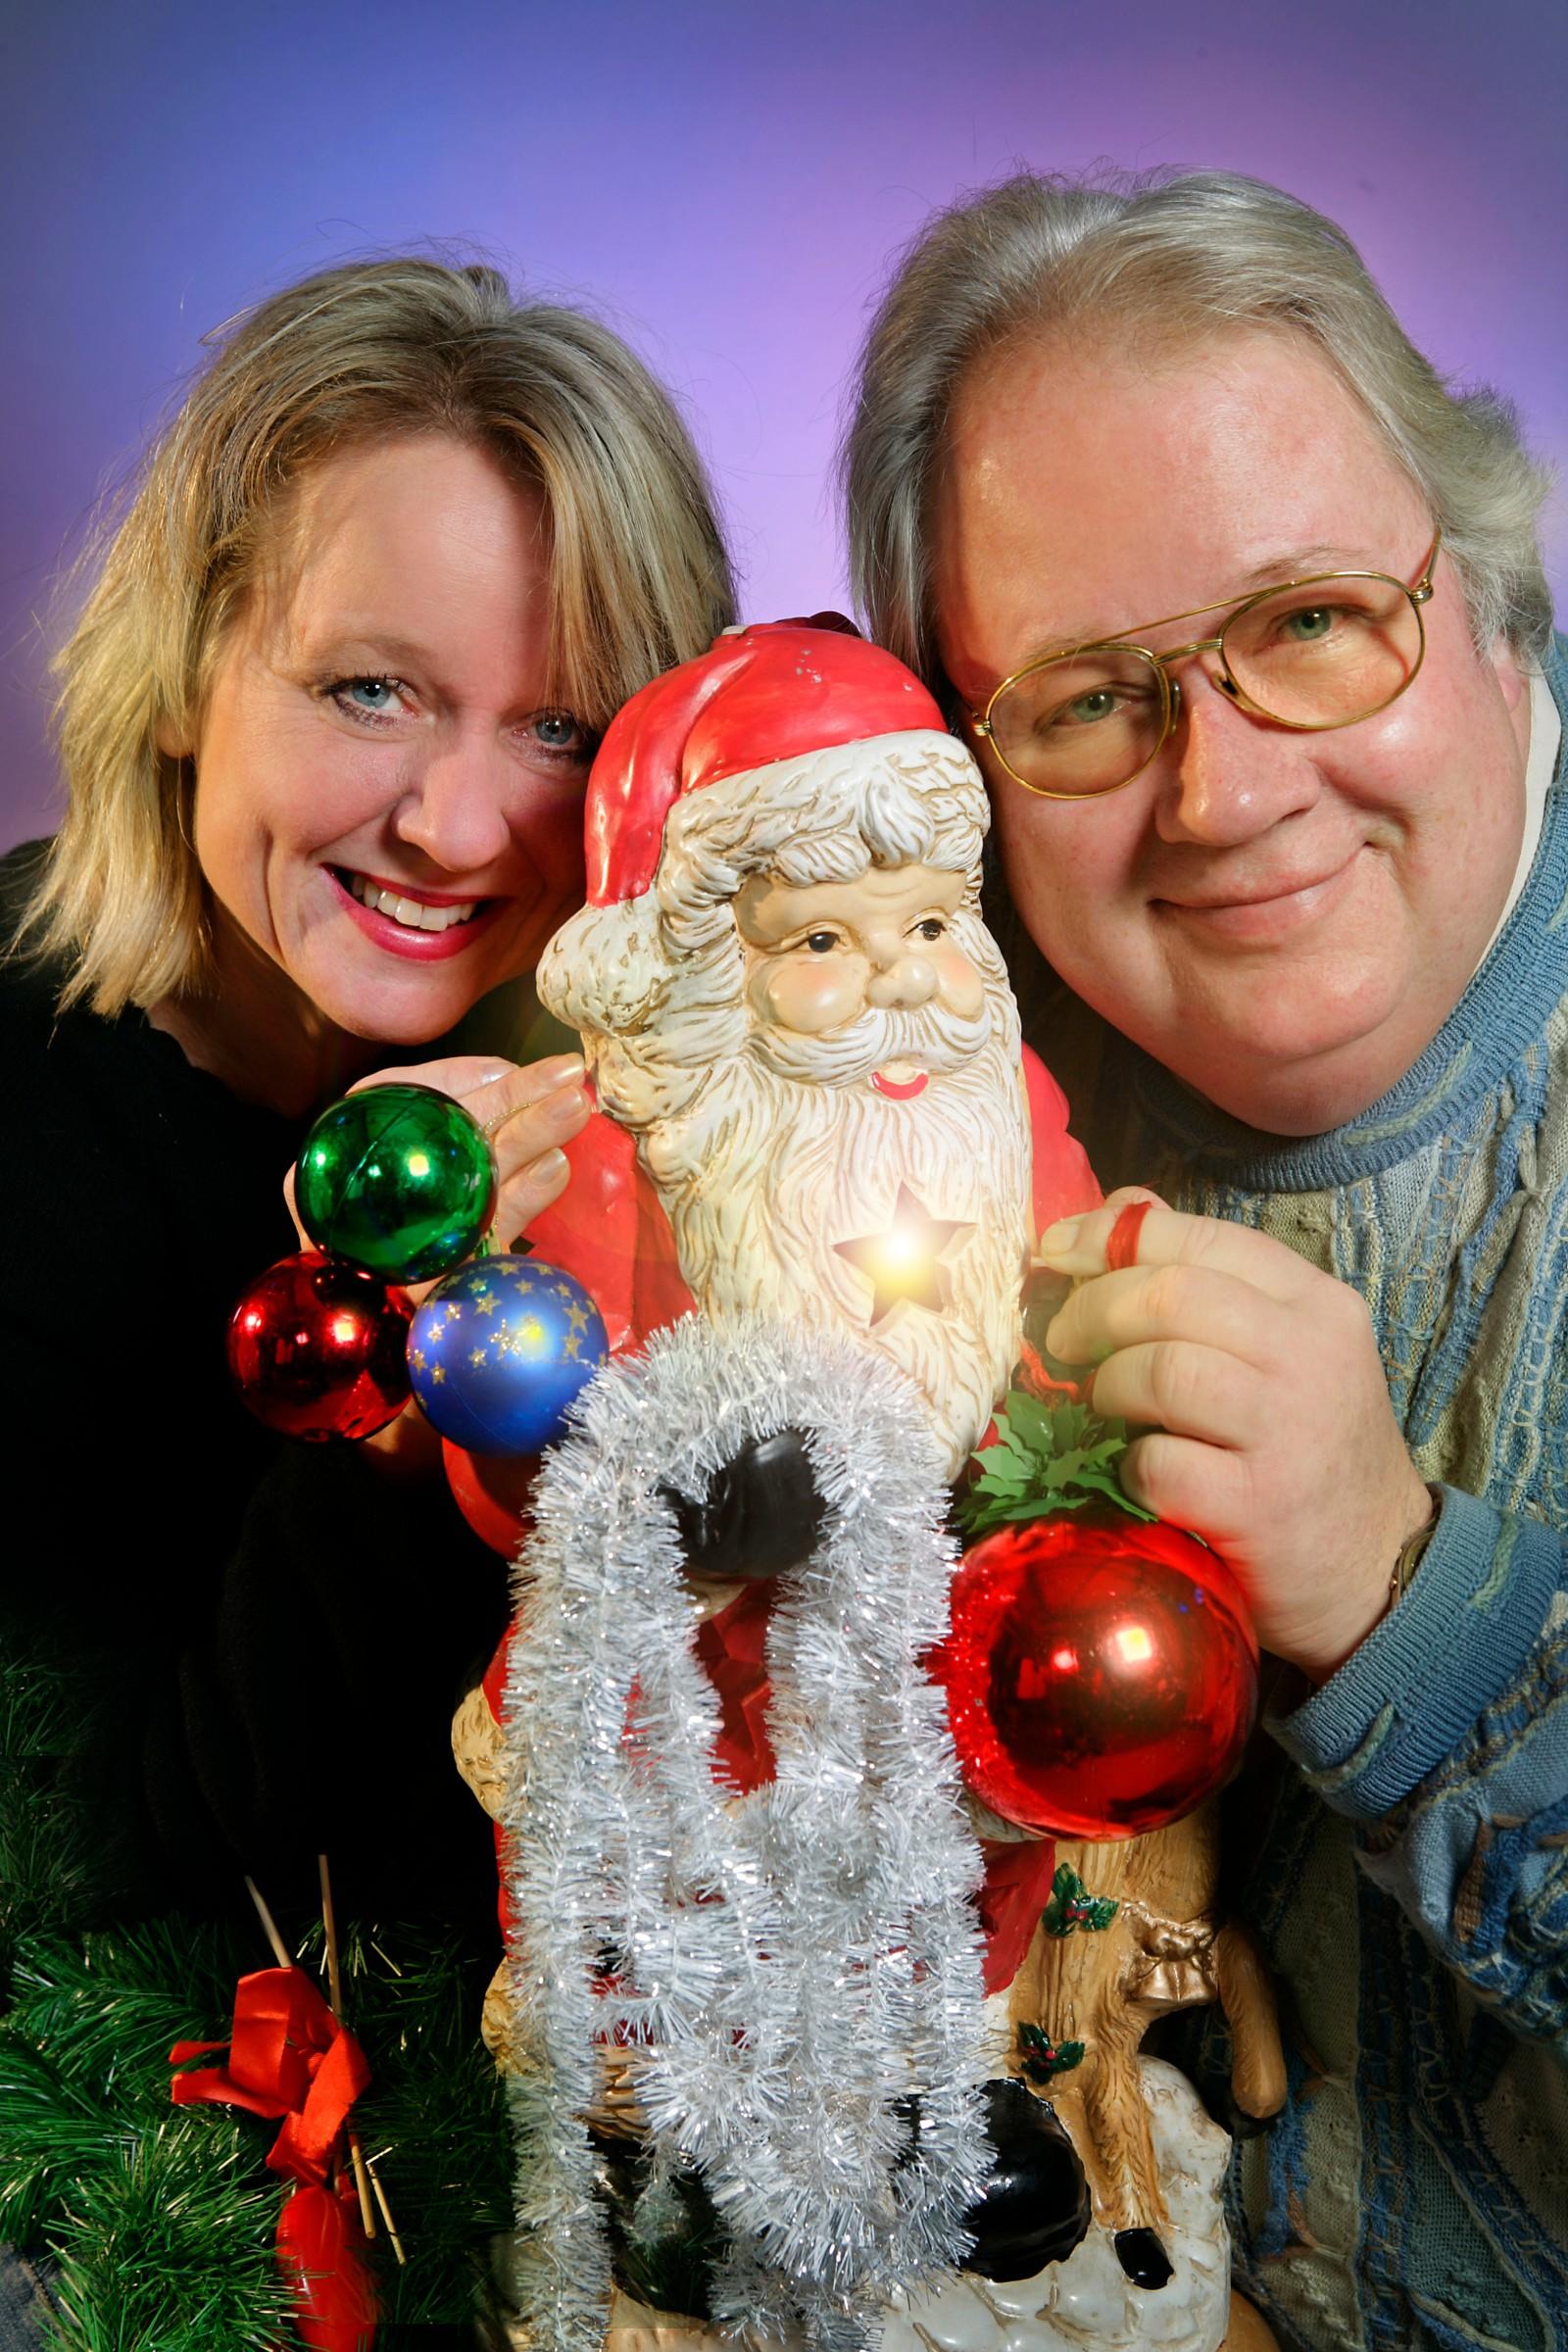 Kvelden før kvelden 23.12.05 Hanne Skrikerud og Knut Borge er programledere for Kvelden før kvelden i NRK P1 lille julaften.